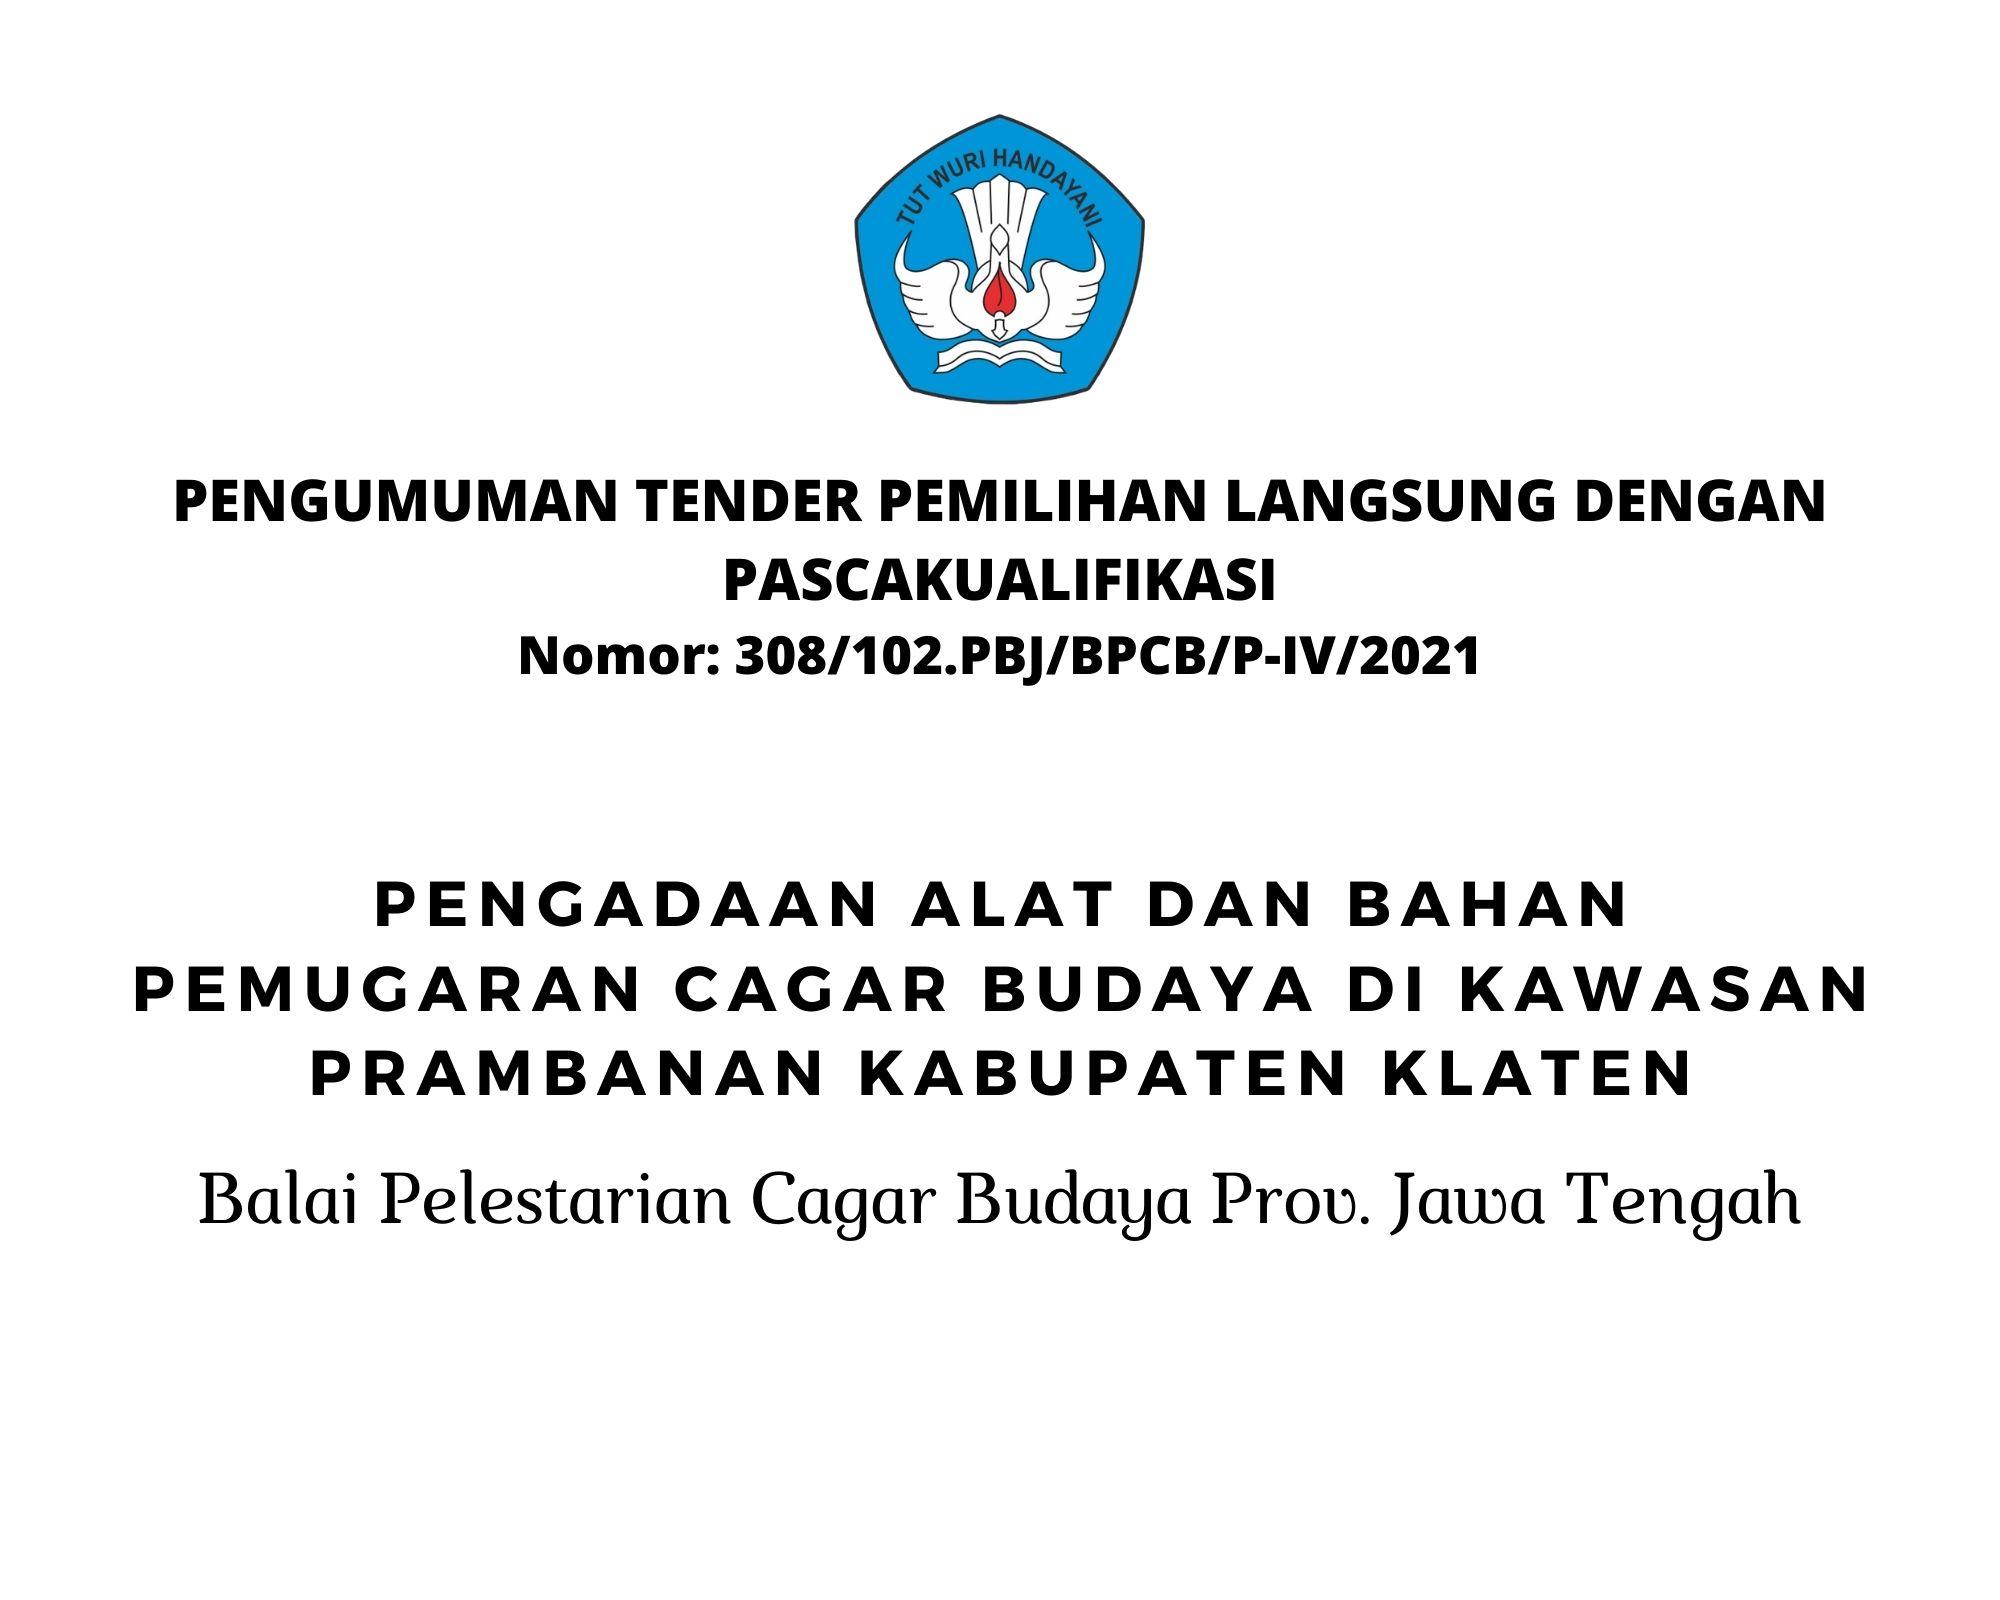 Read more about the article (Pengumuman Tender) Pengadaan Alat Dan Bahan Pemugaran Cagar Budaya Di Kawasan Prambanan Kabupaten Klaten